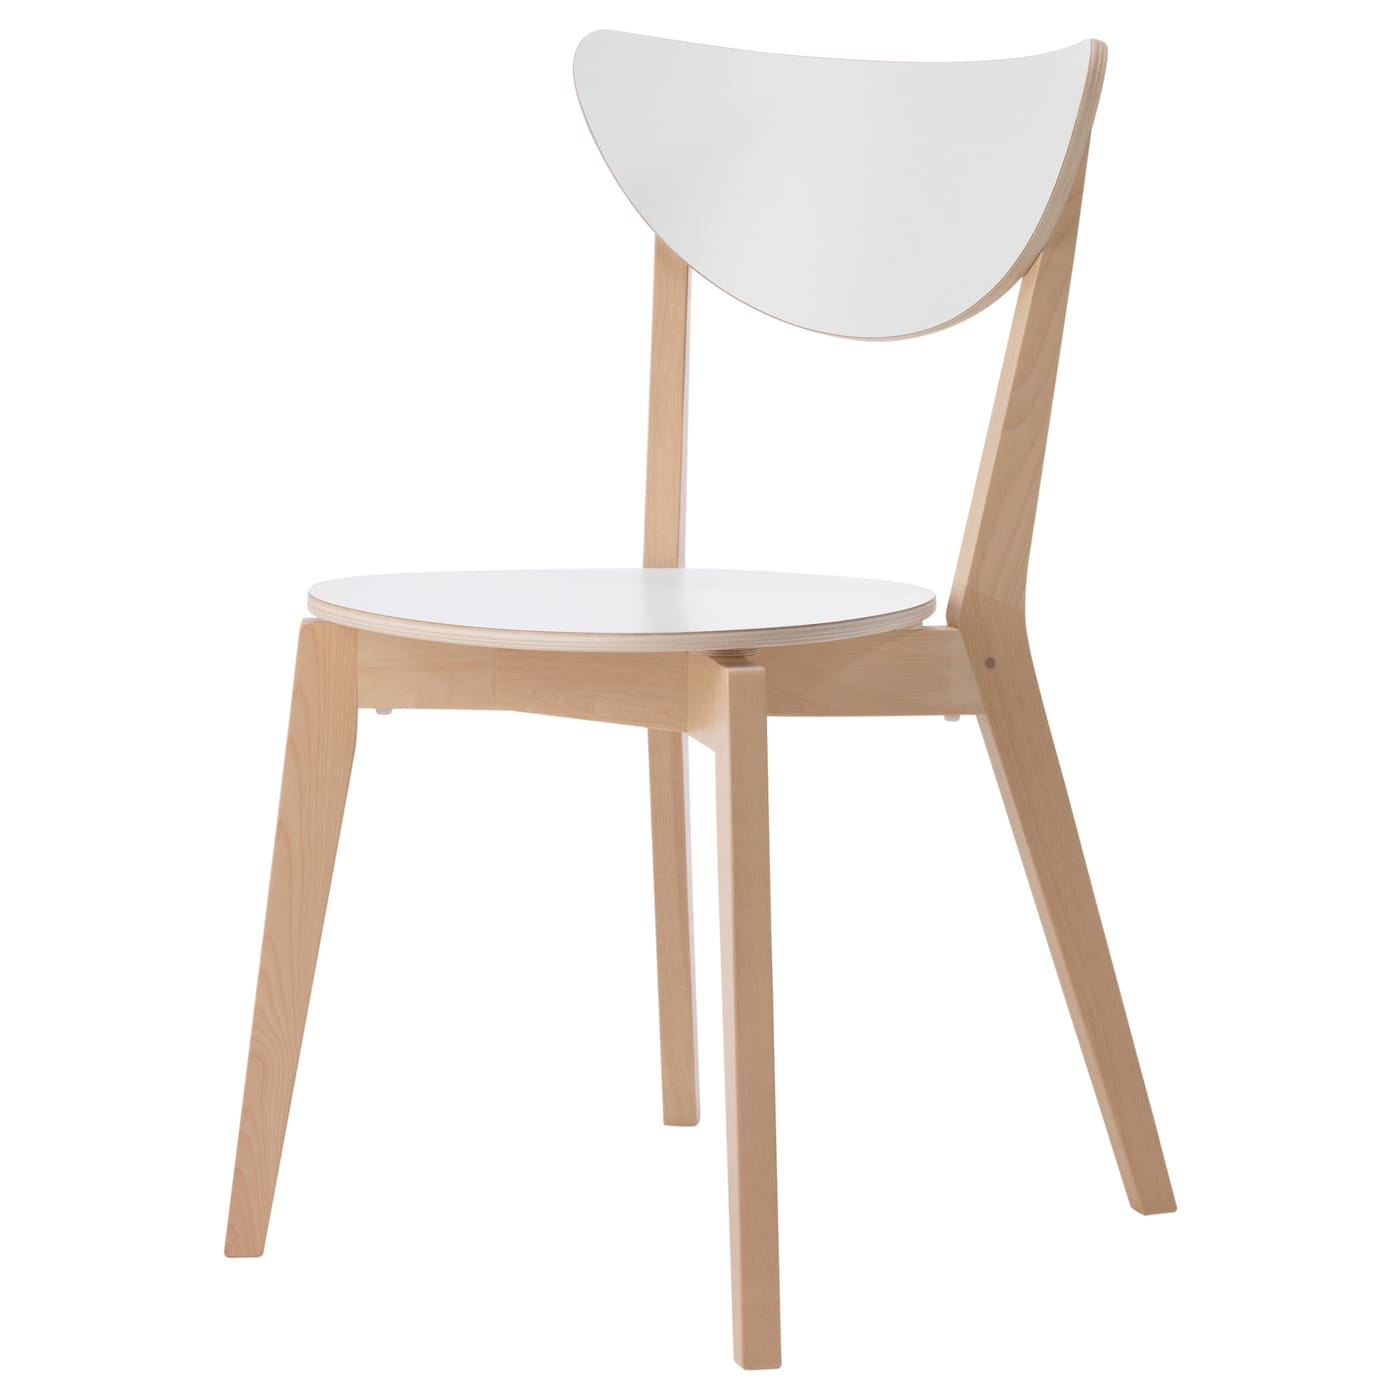 Nordmyra Chaise - Blanc, Bouleau destiné Chaises De Jardin Ikea